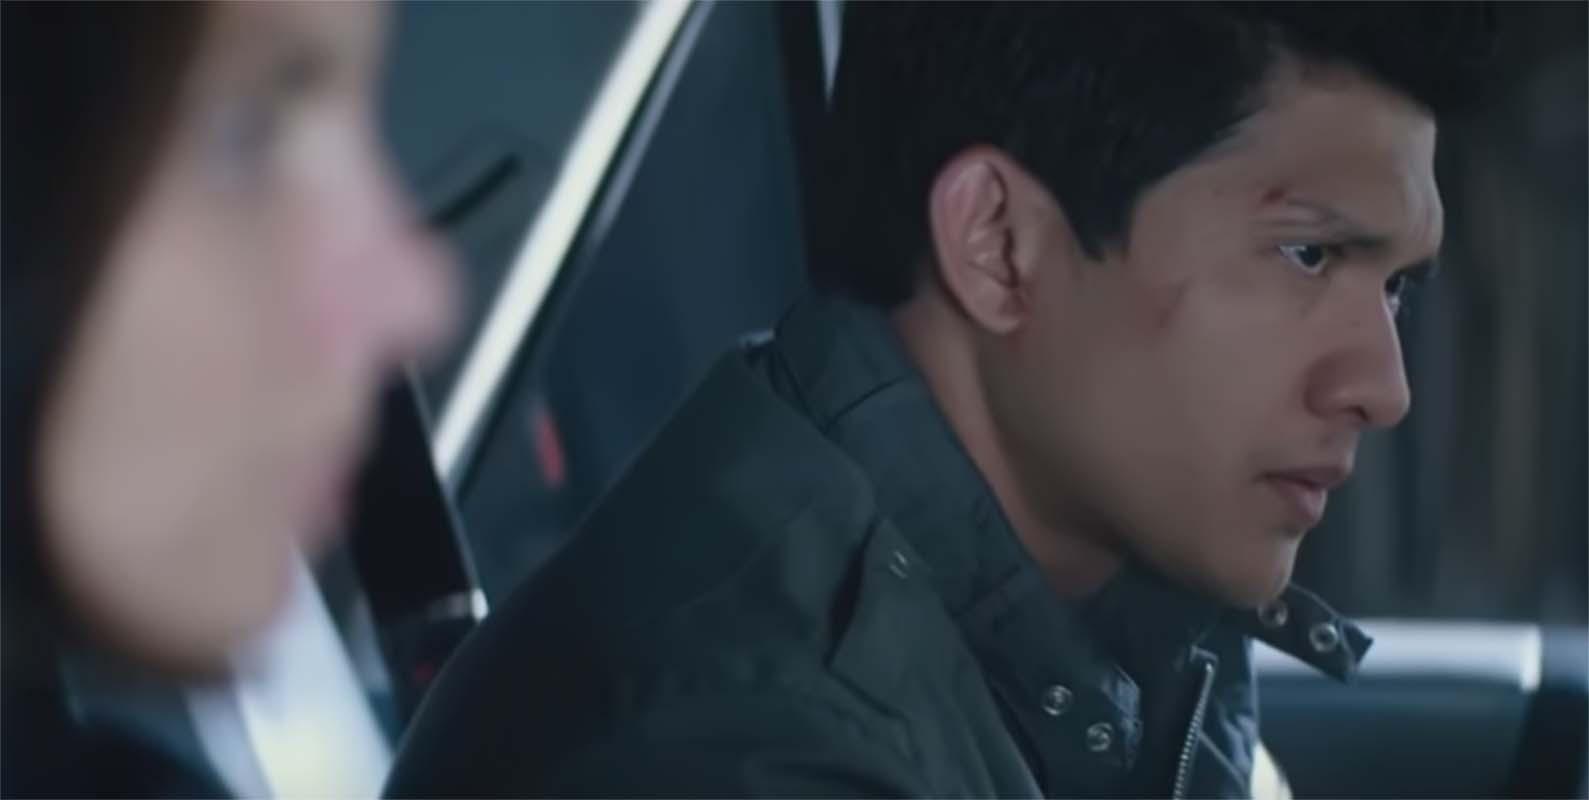 Ini Dia Aksi Iko Uwais Dalam Film Mile 22 - MILE 22 Official Trailer (2018)